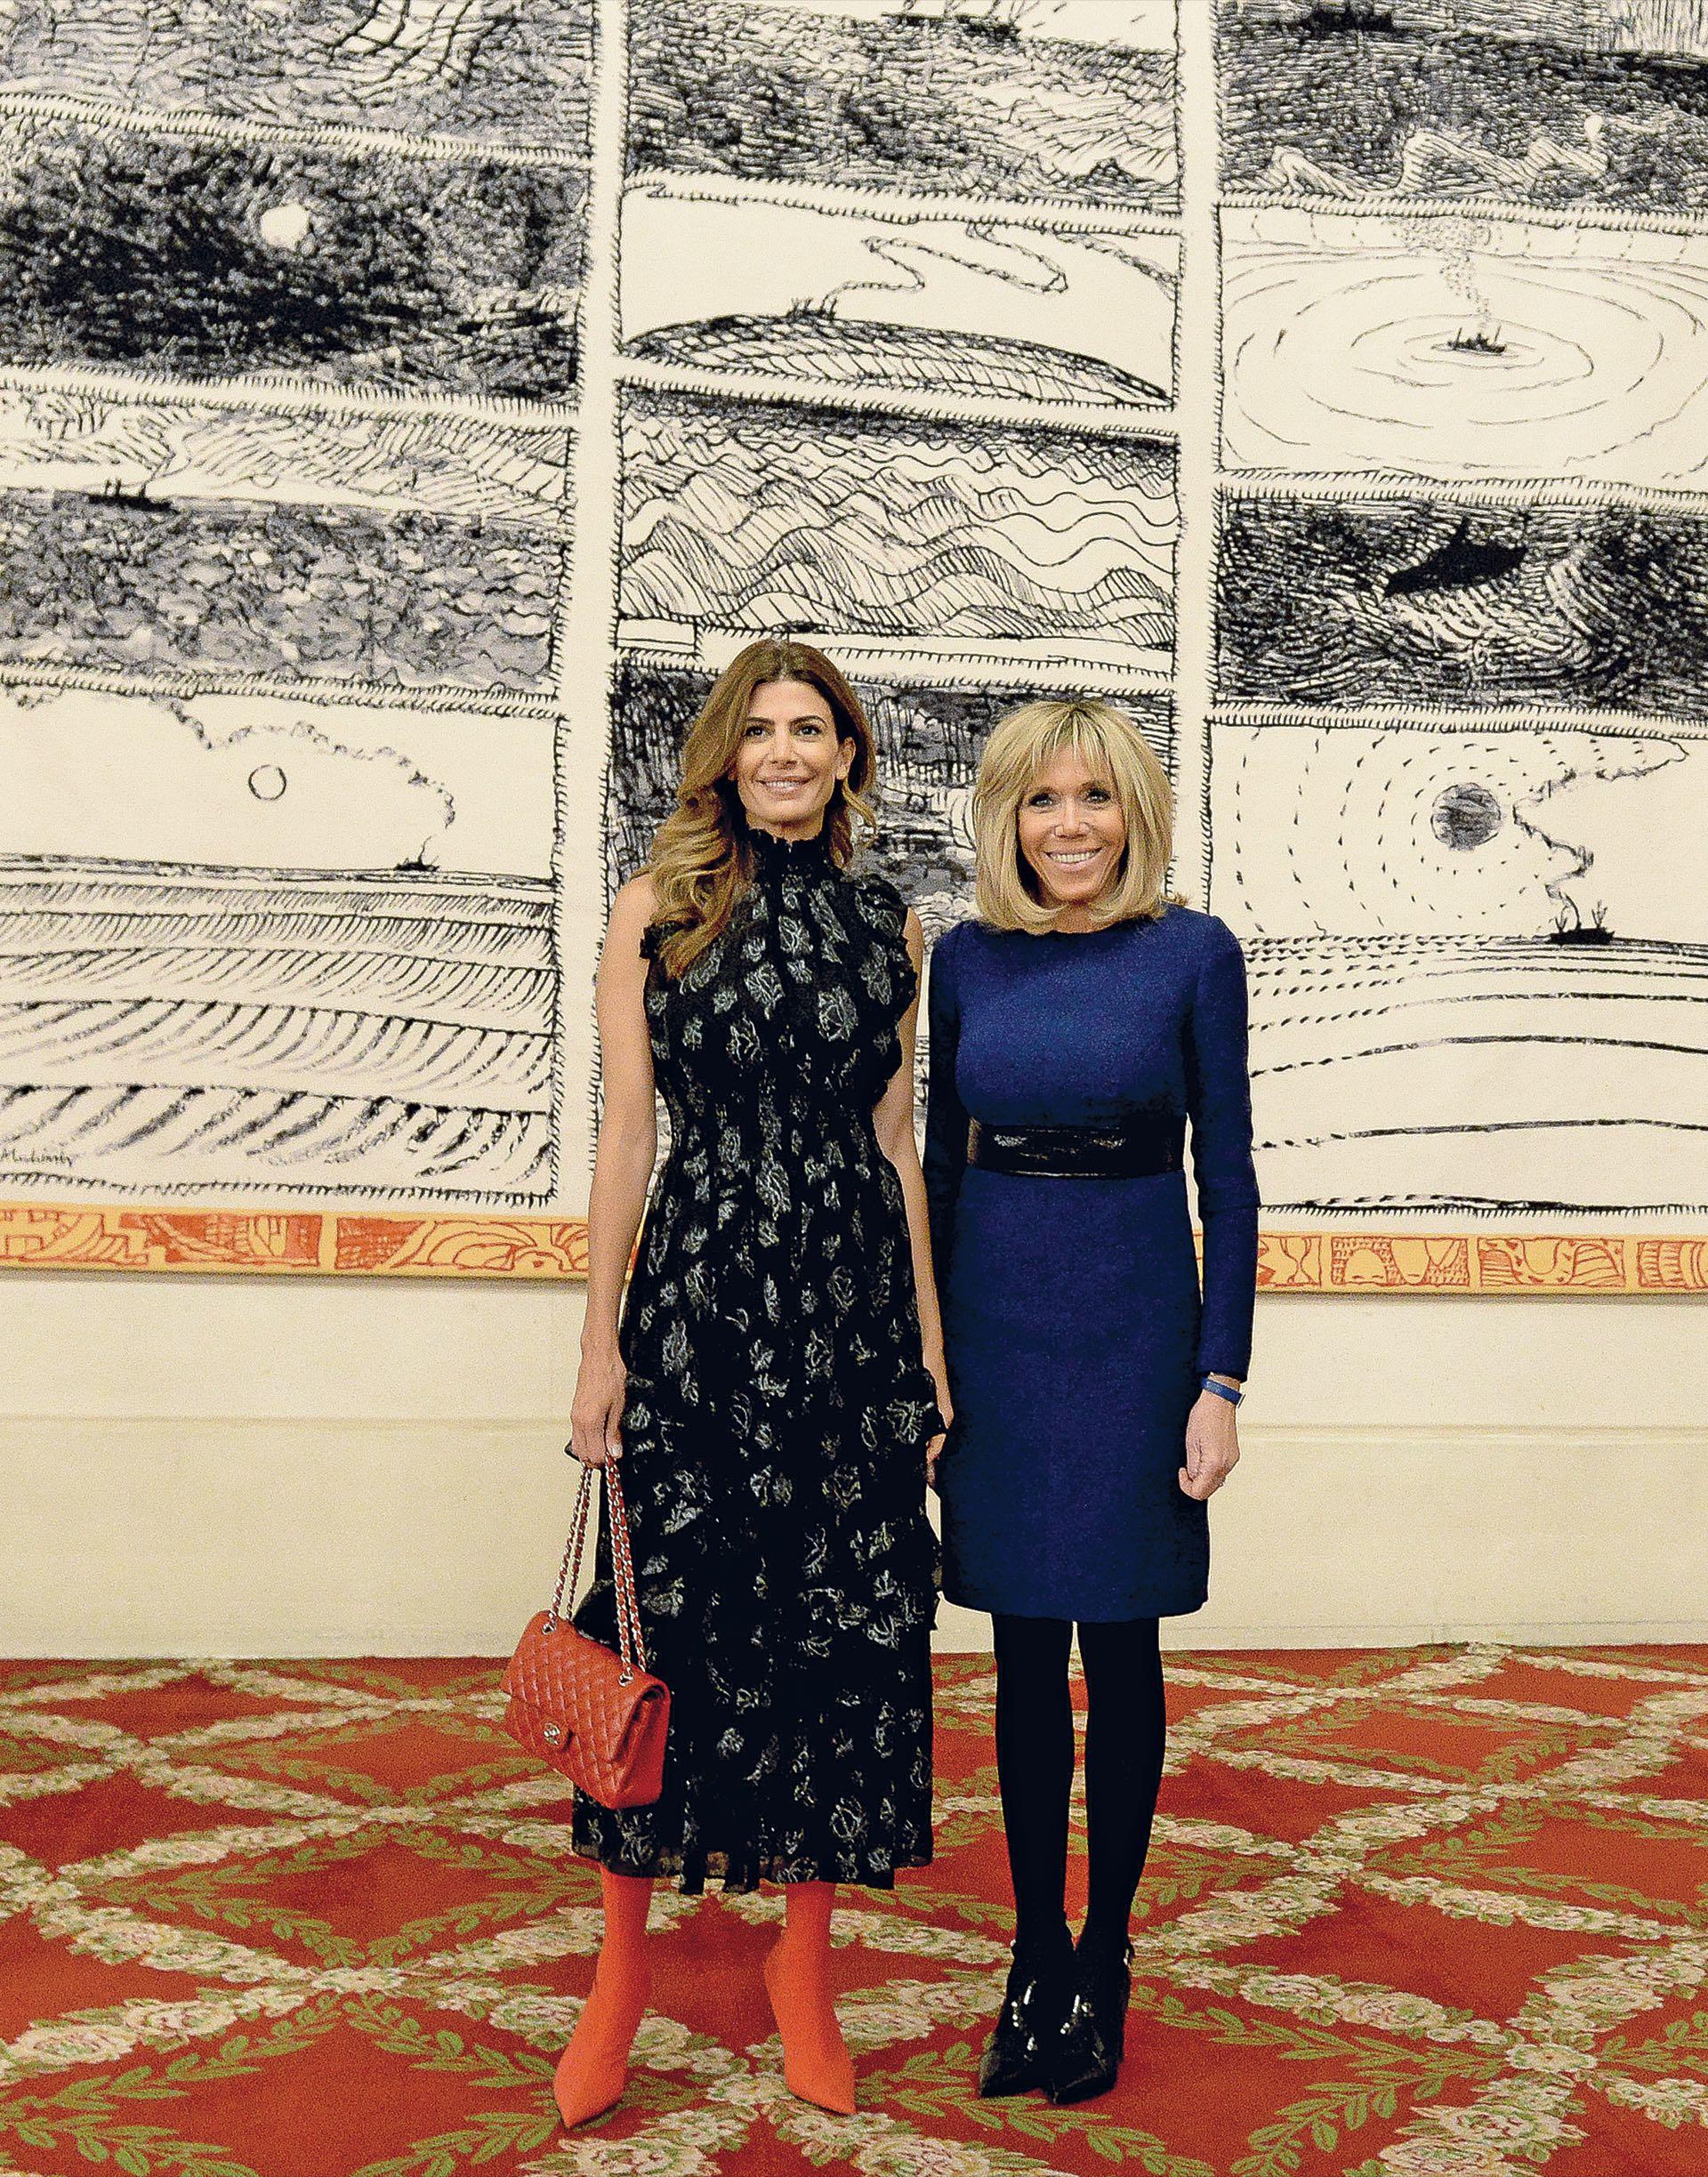 En París, en su meeting con Brigitte Macron, lució jugadísimas botas rojas y con su vestido de brocato matcheó el azul océano de la francesa.